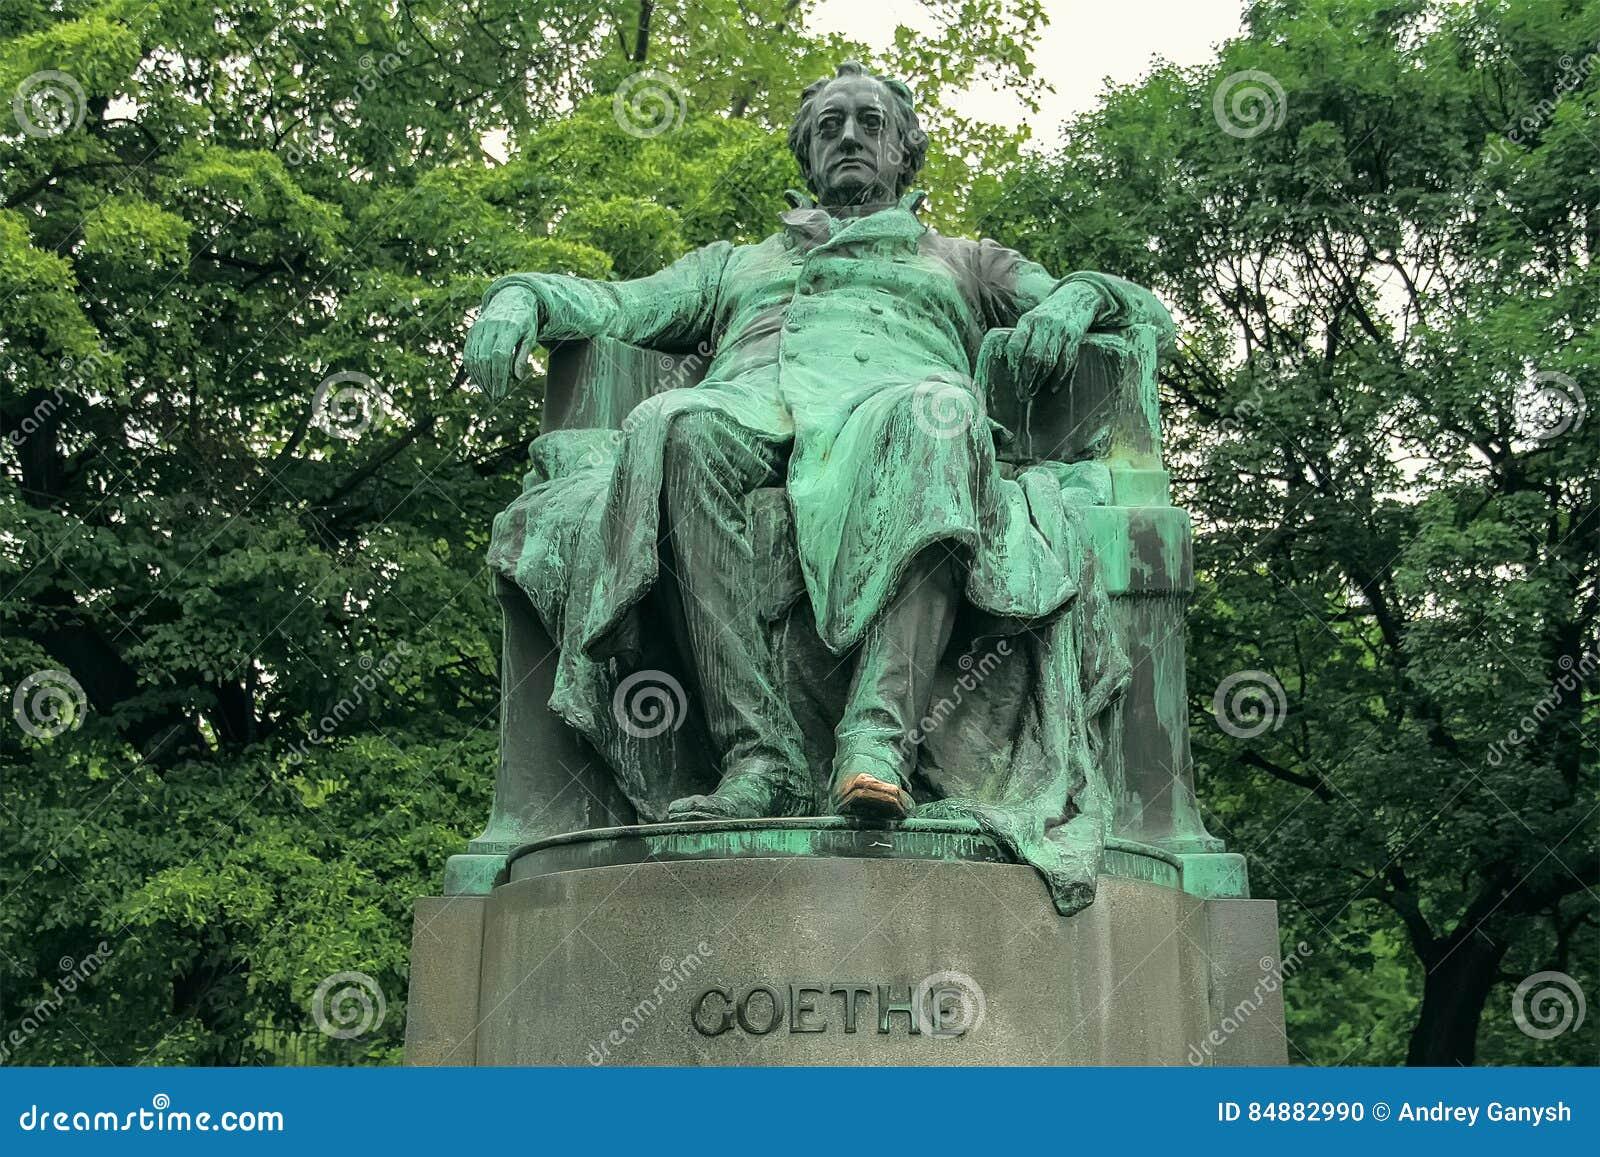 Härlig gammal monument av Goethen